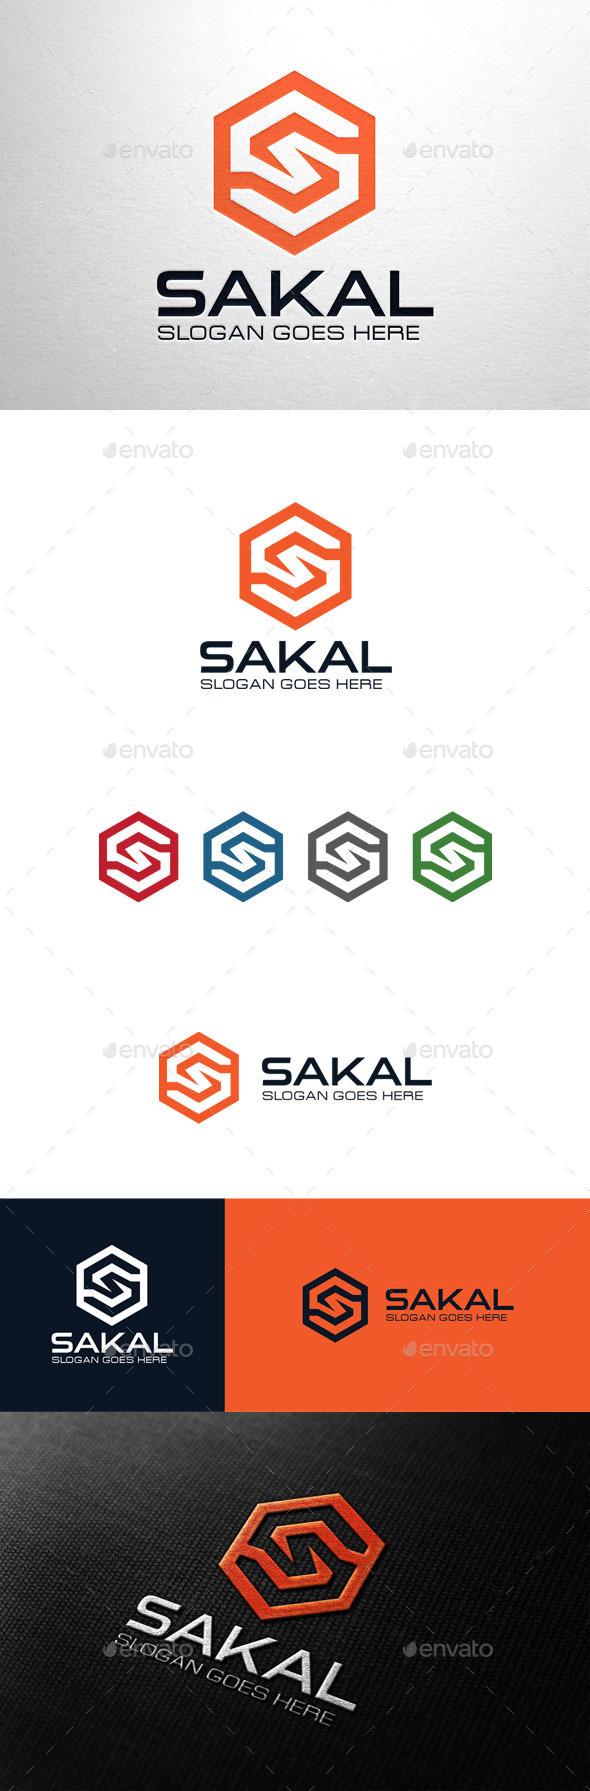 GraphicRiver Sakal Letter S Logo 11051514